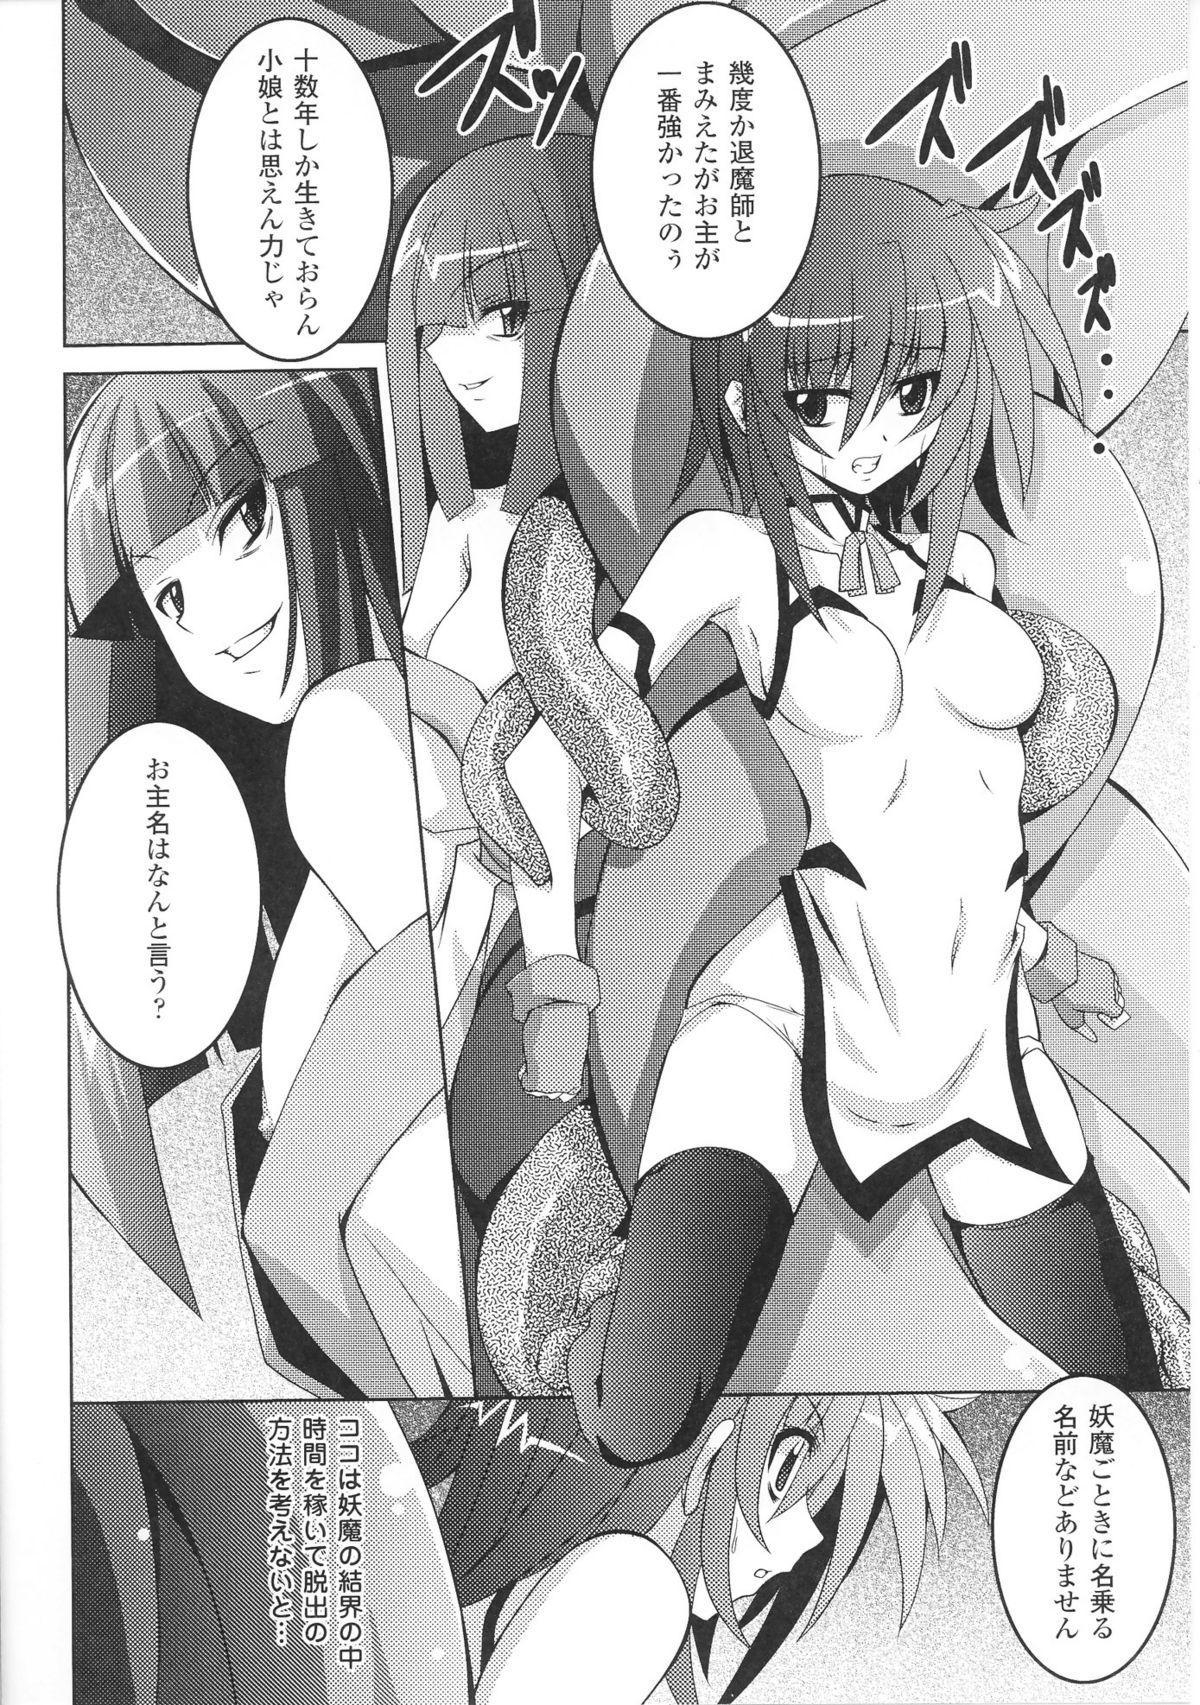 Toushin Engi Vol. 5 139